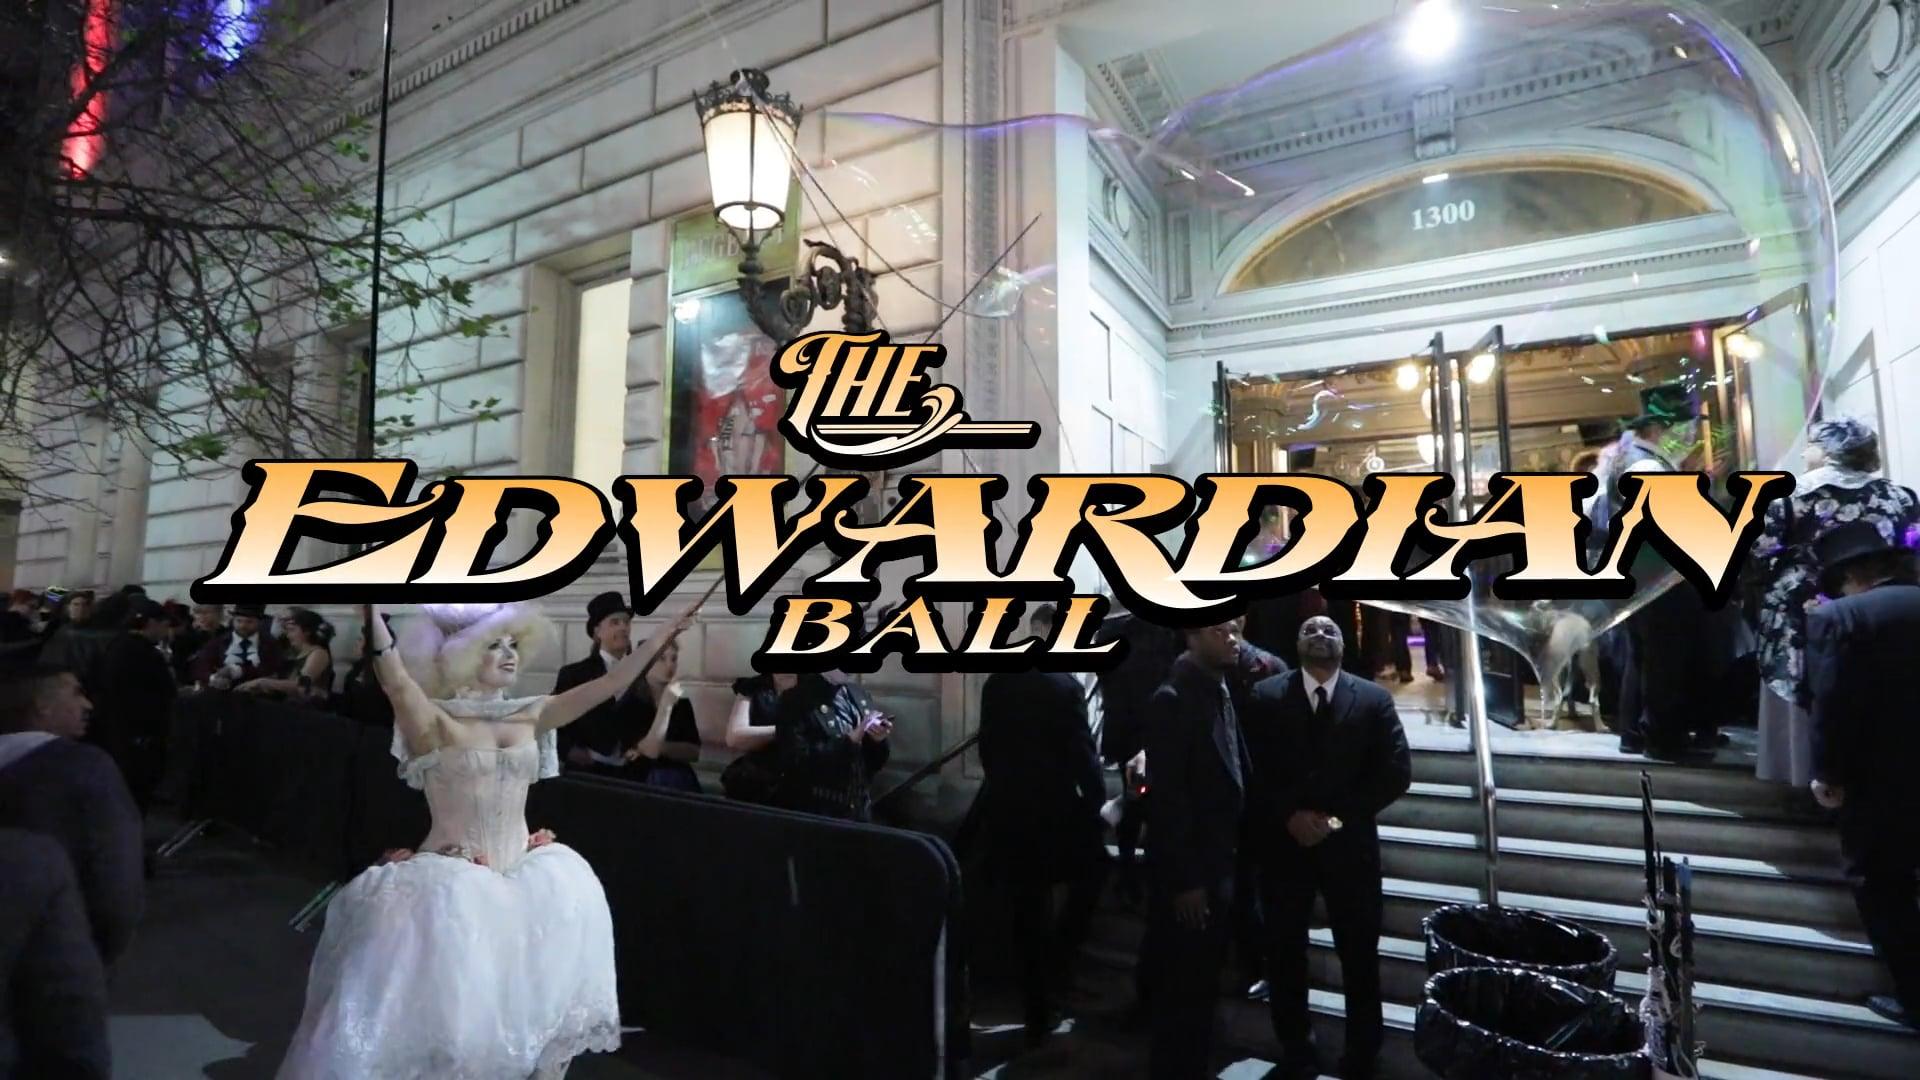 The Edwardian Ball & World's Faire 2019